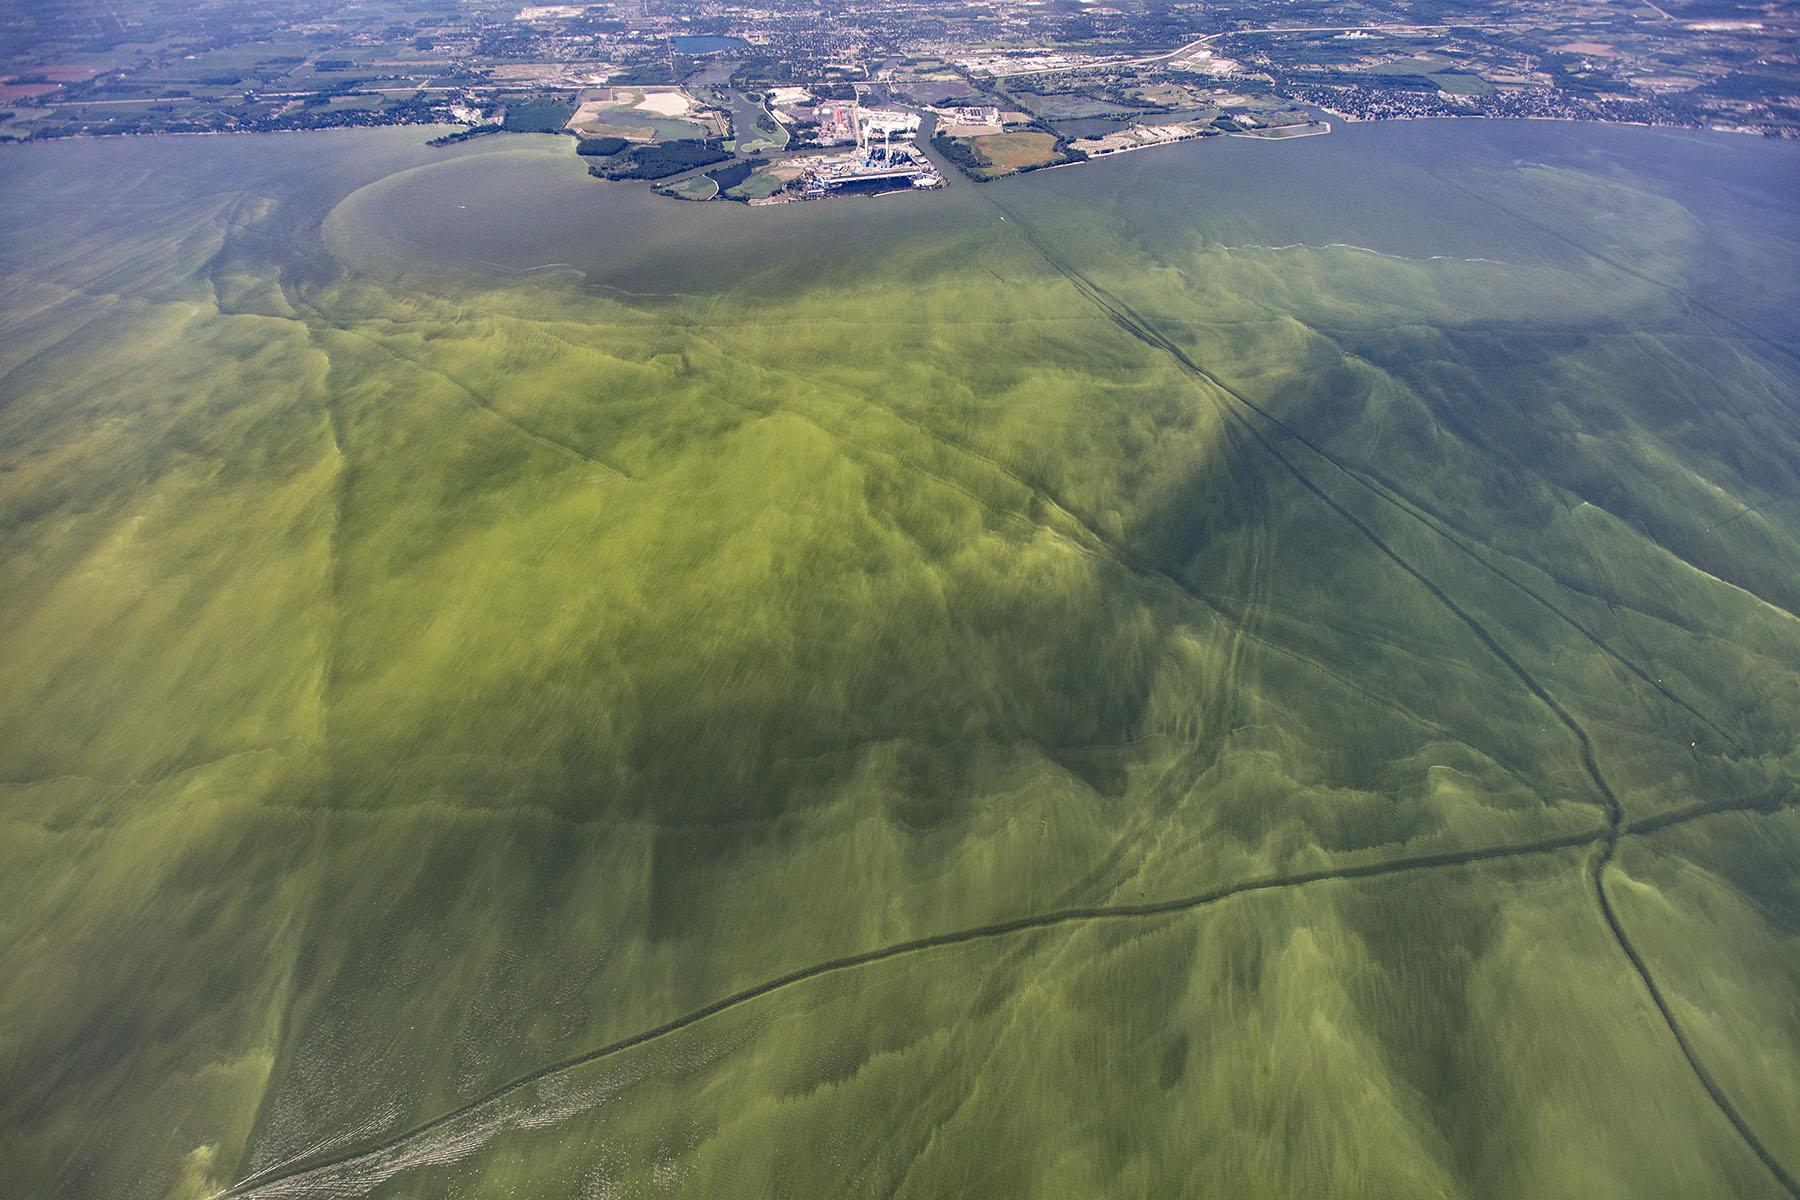 OH_Aerial 1.jpg